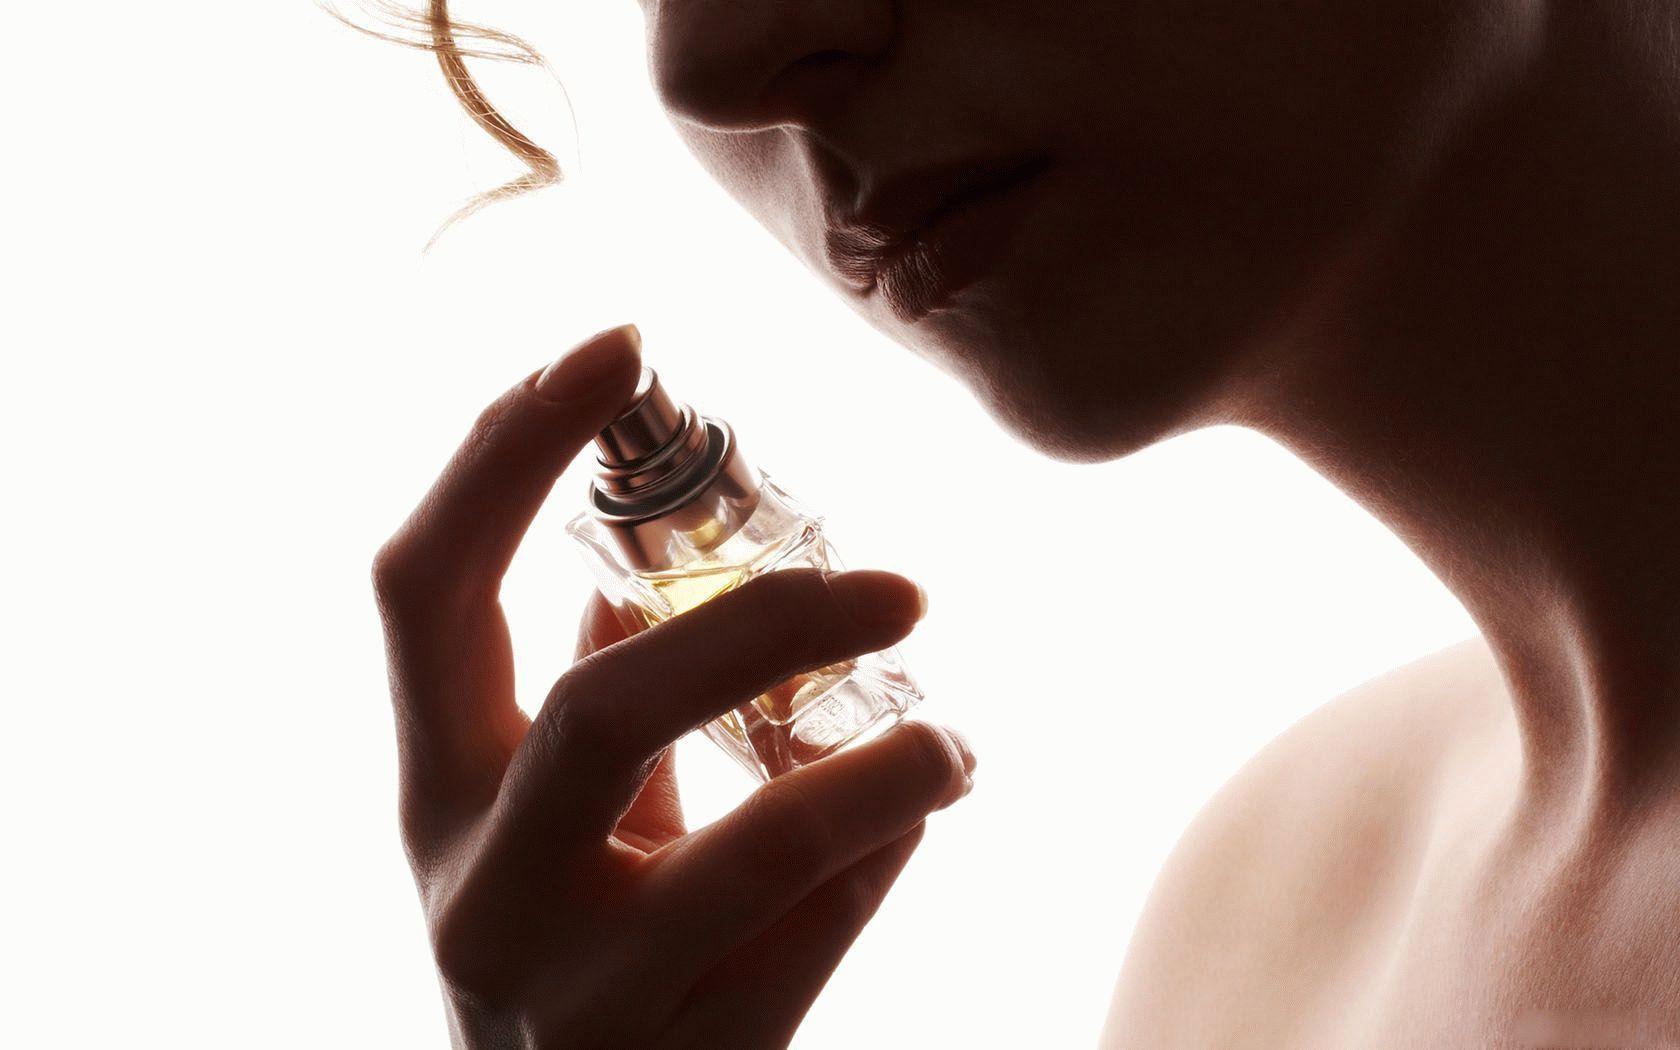 Топ-рейтинг женской нишевой парфюмерии в 2019 году